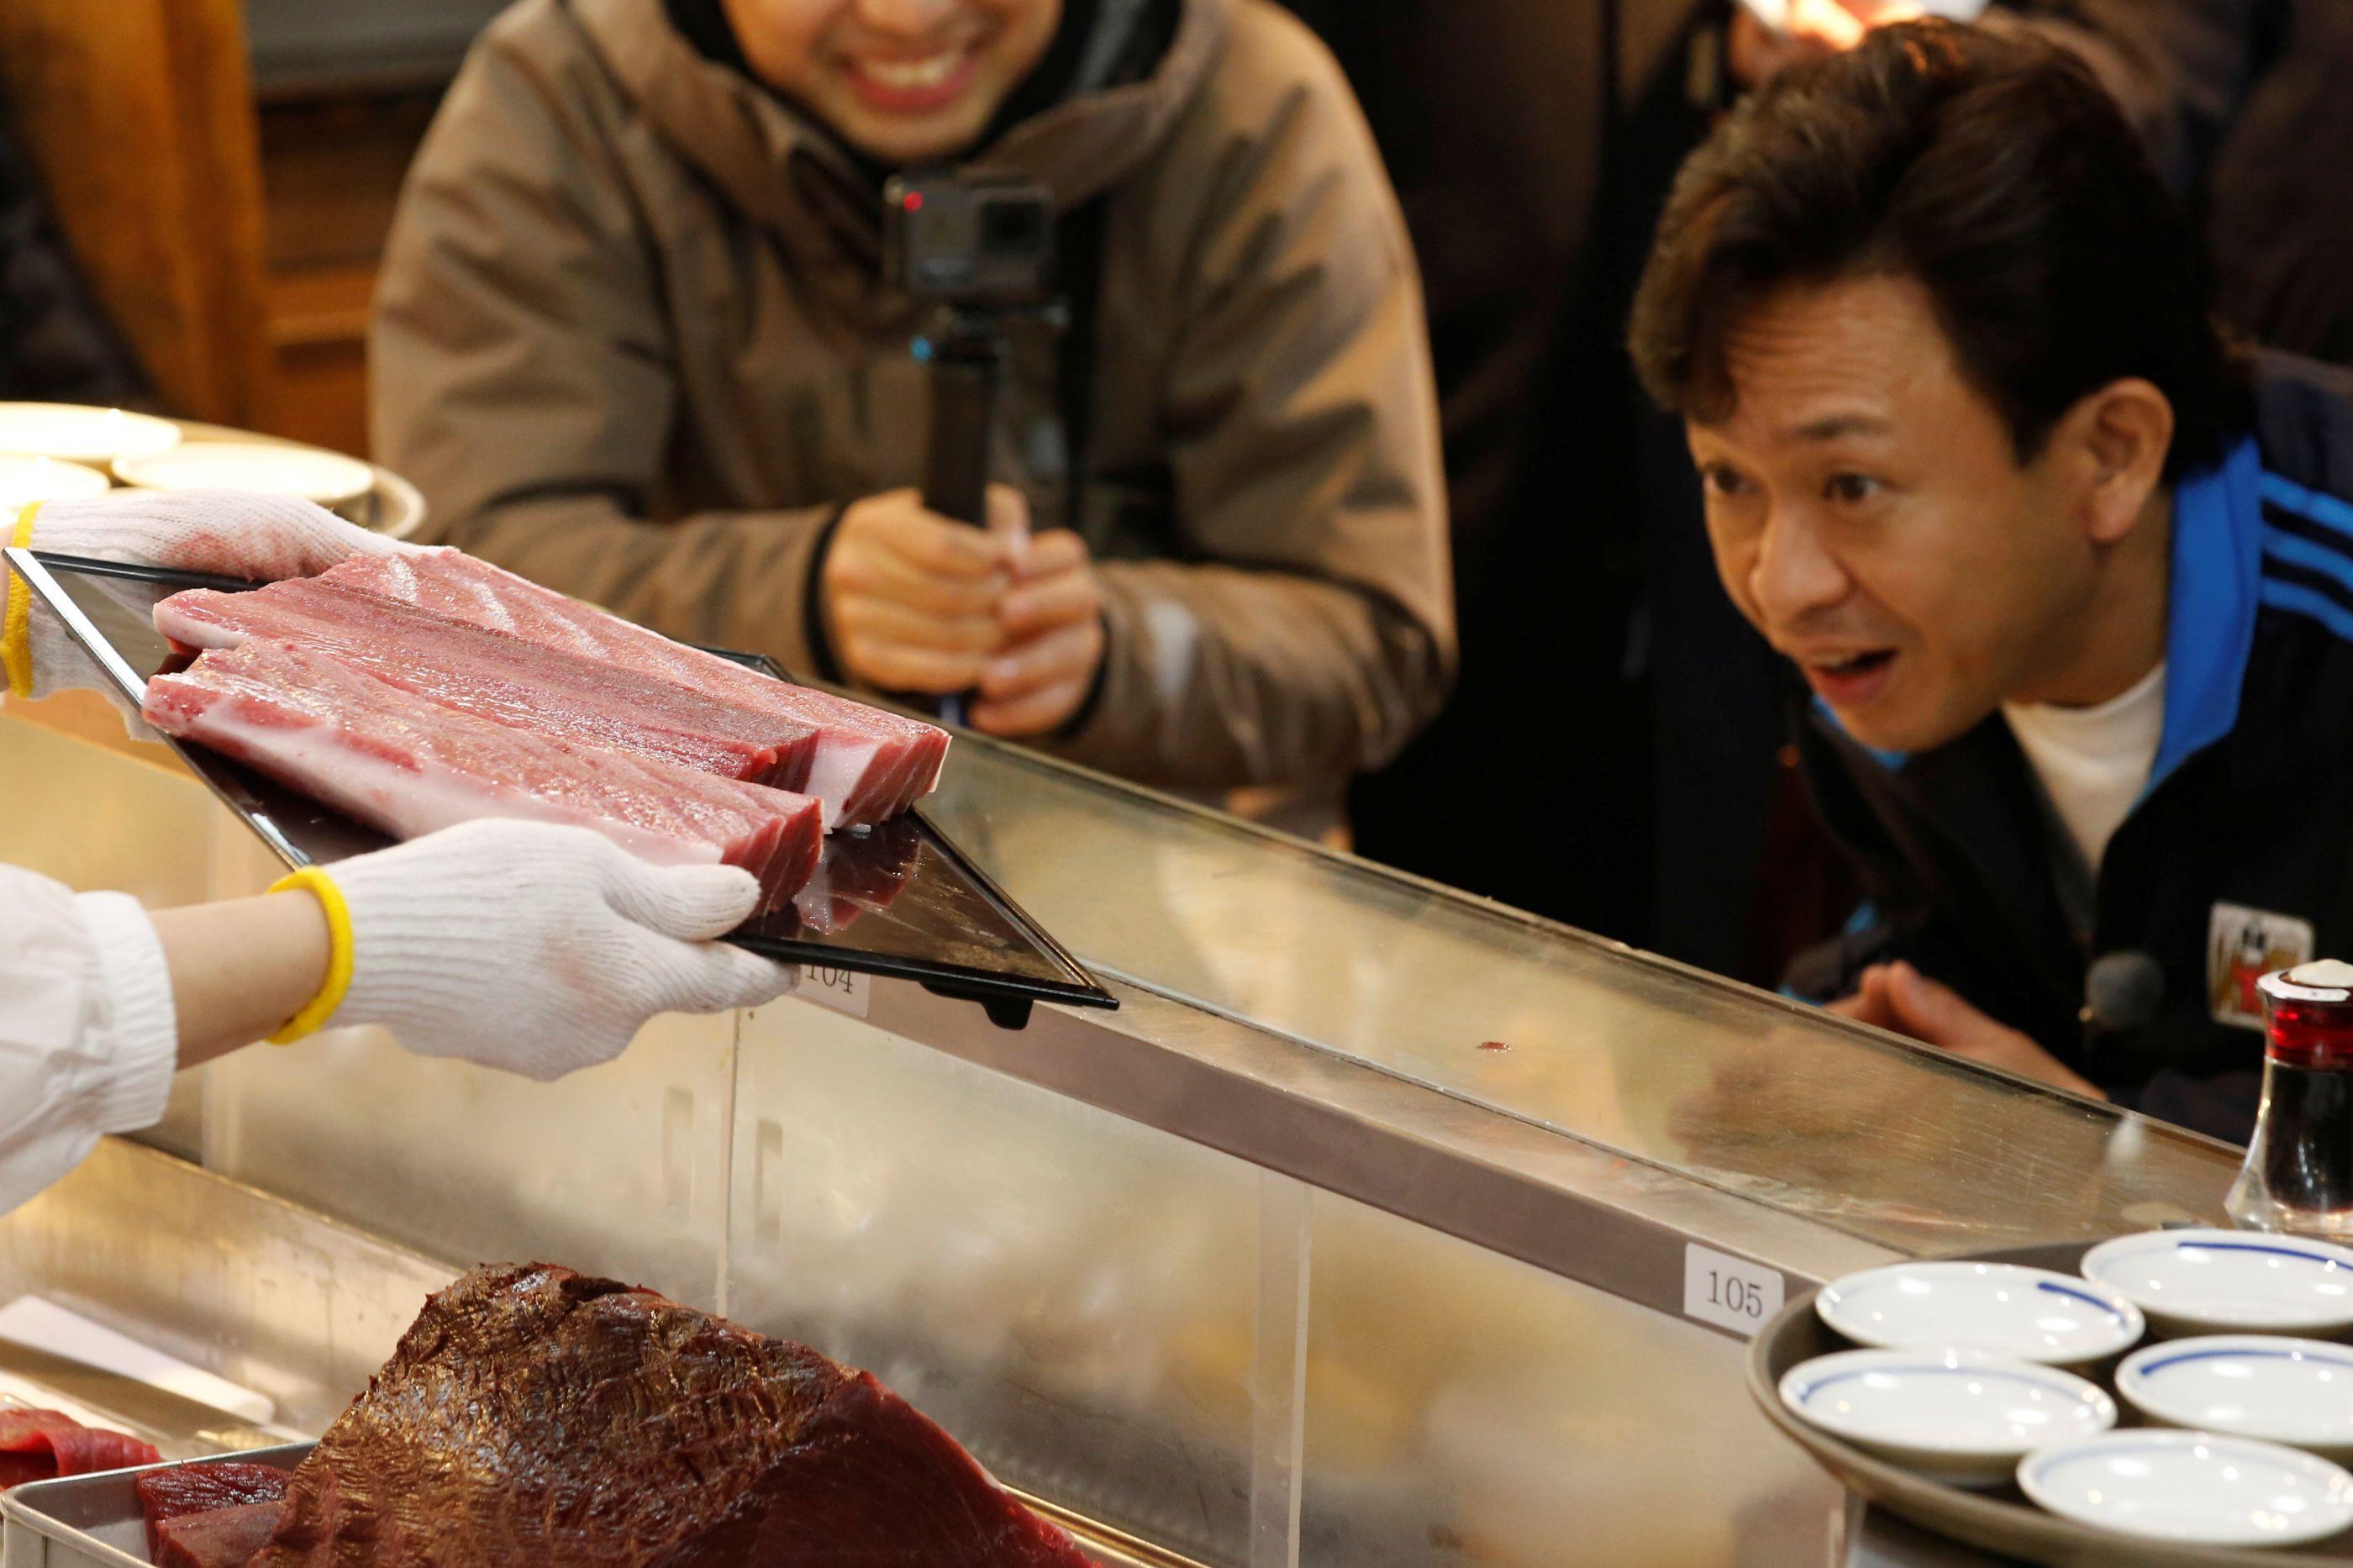 Atum é leiloado por históricos R$ 115 milhões no Japão. Veja as imagens